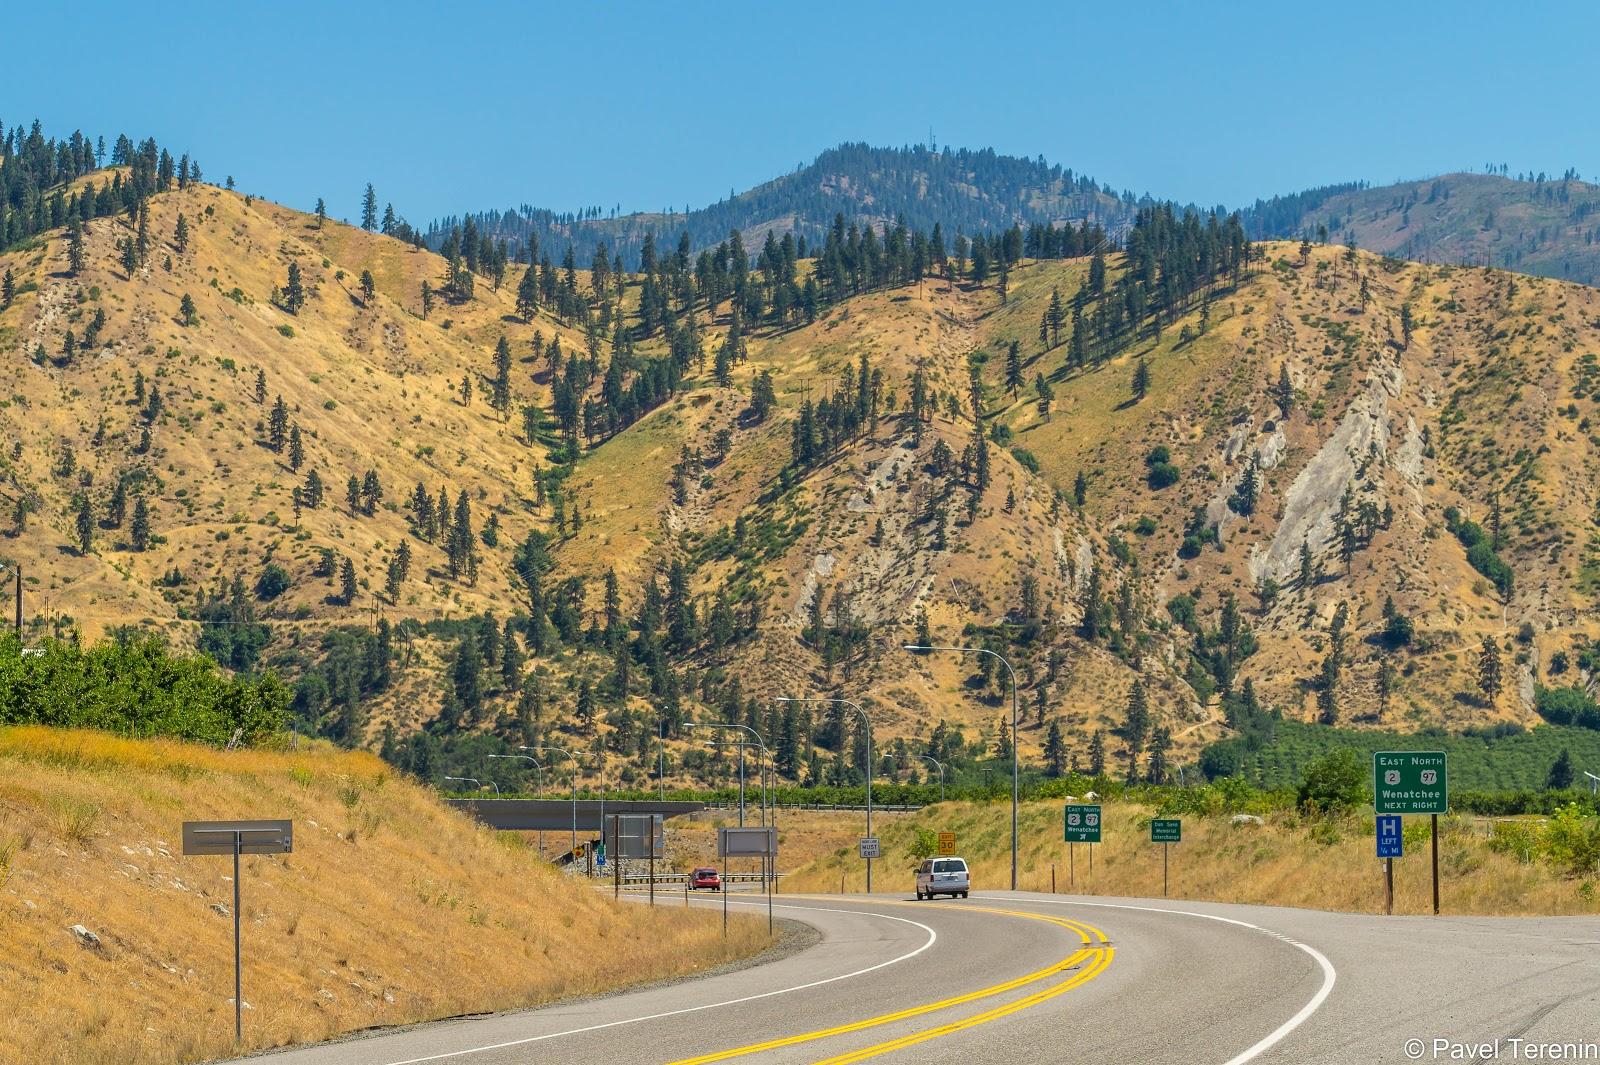 Выведя из каньона, дорога повела нас  мимо симпатичных холмов, на которых тут и там стали появляться деревья.